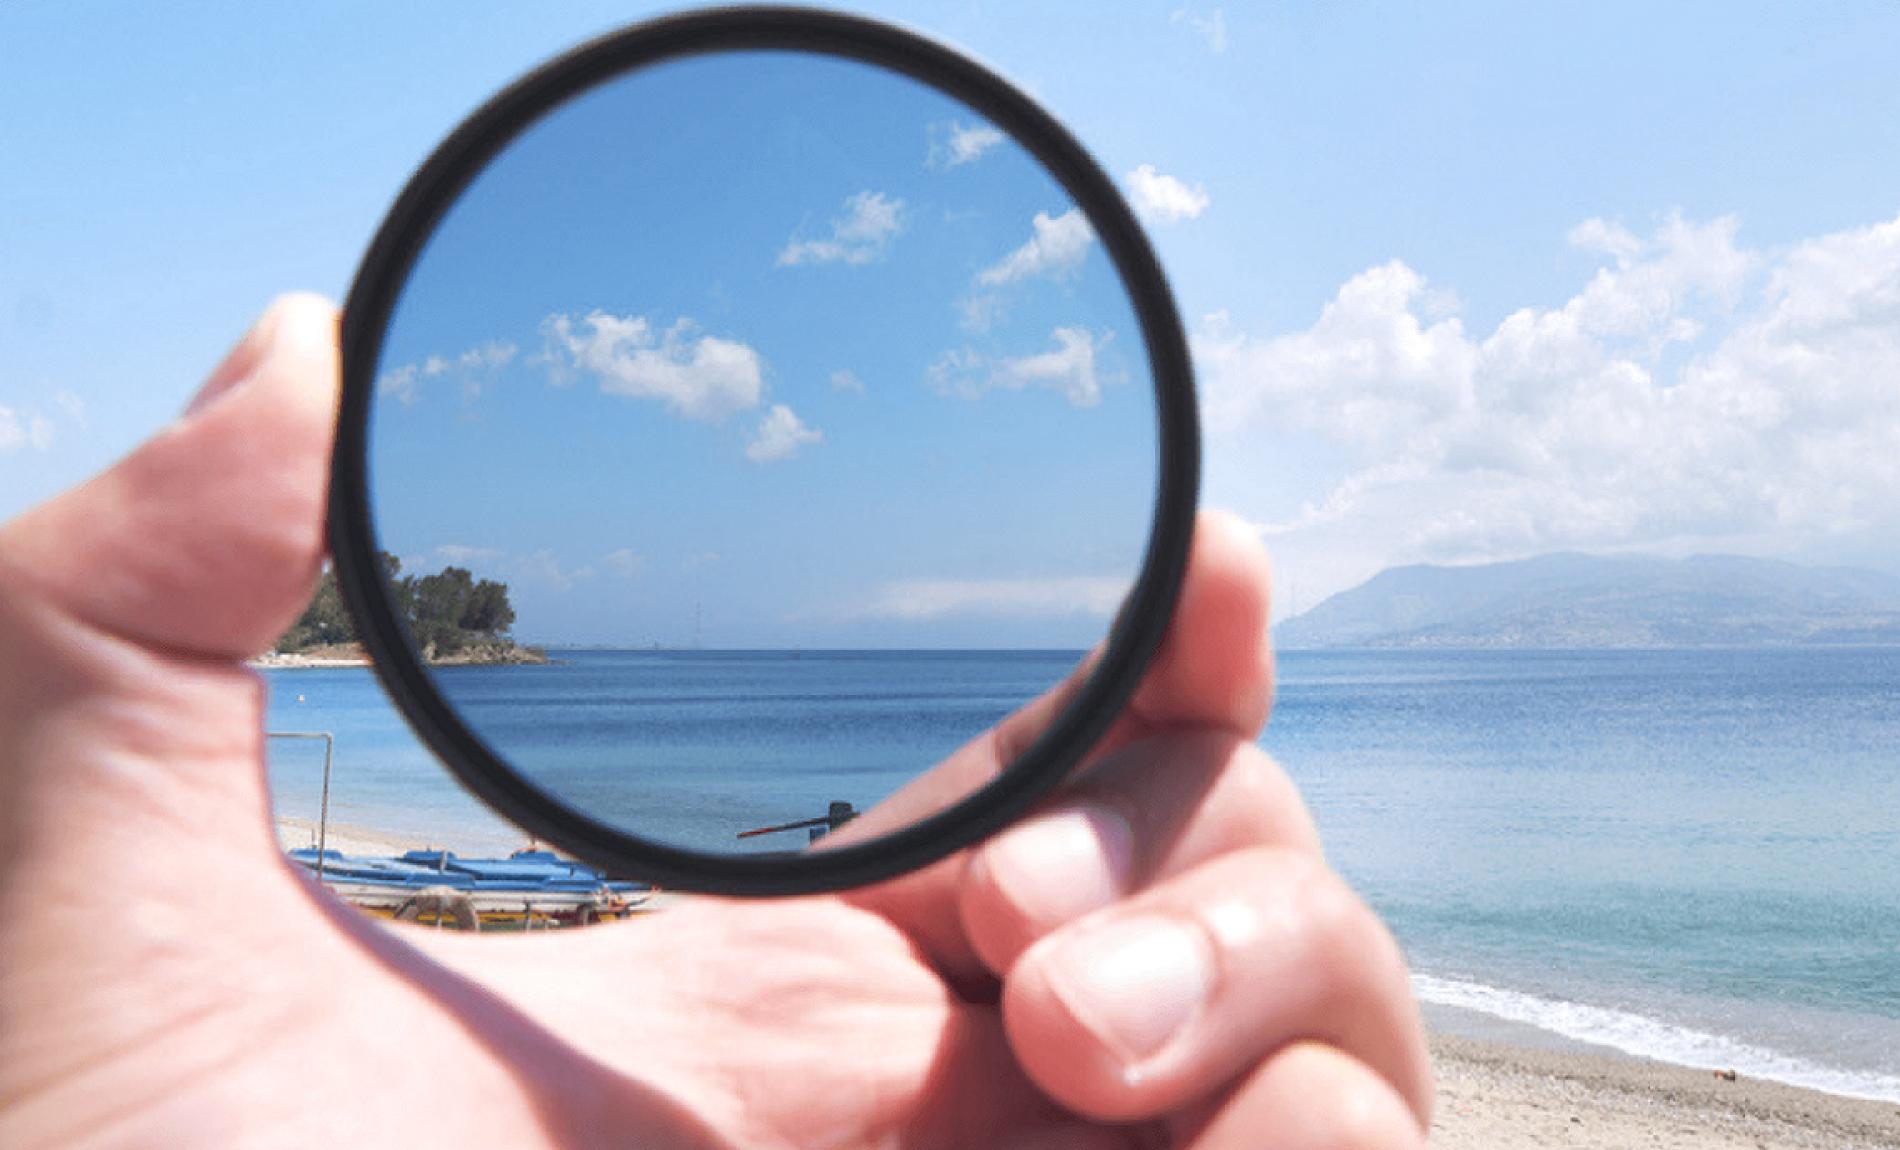 Come funzionano le lenti polarizzate?